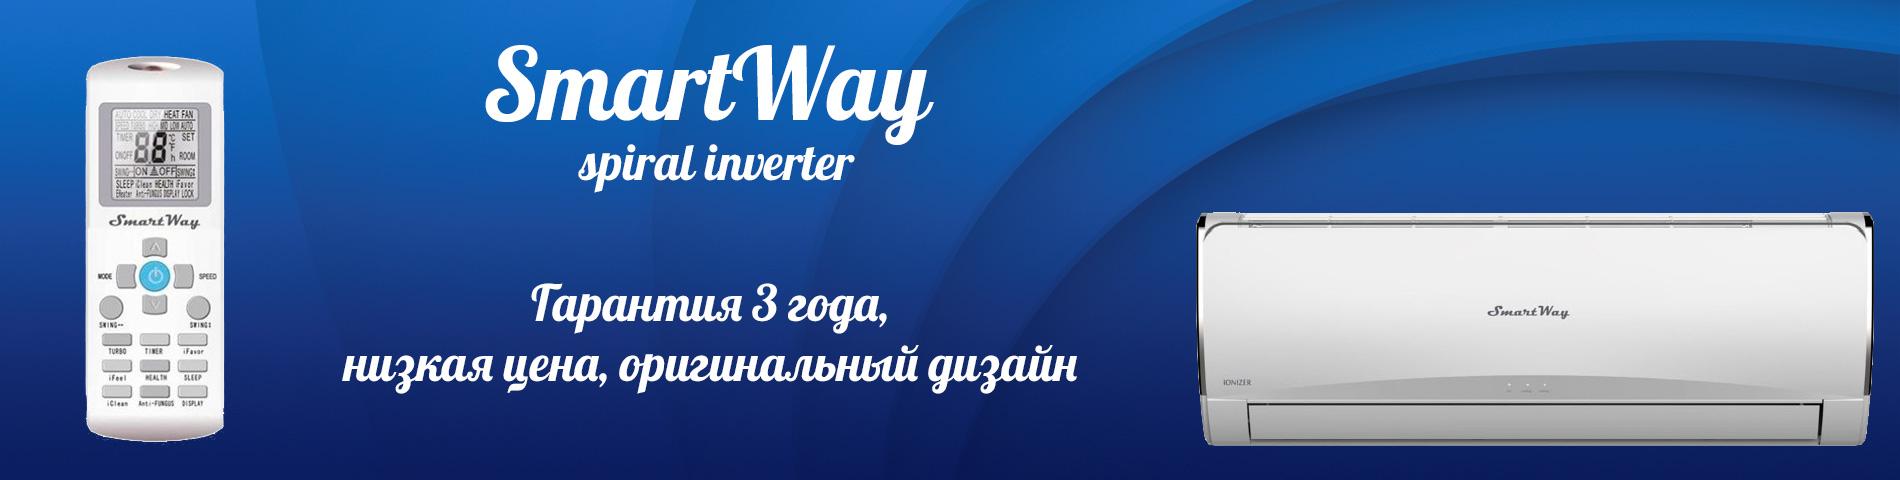 Кондиционер Smartway гарантия 3 года